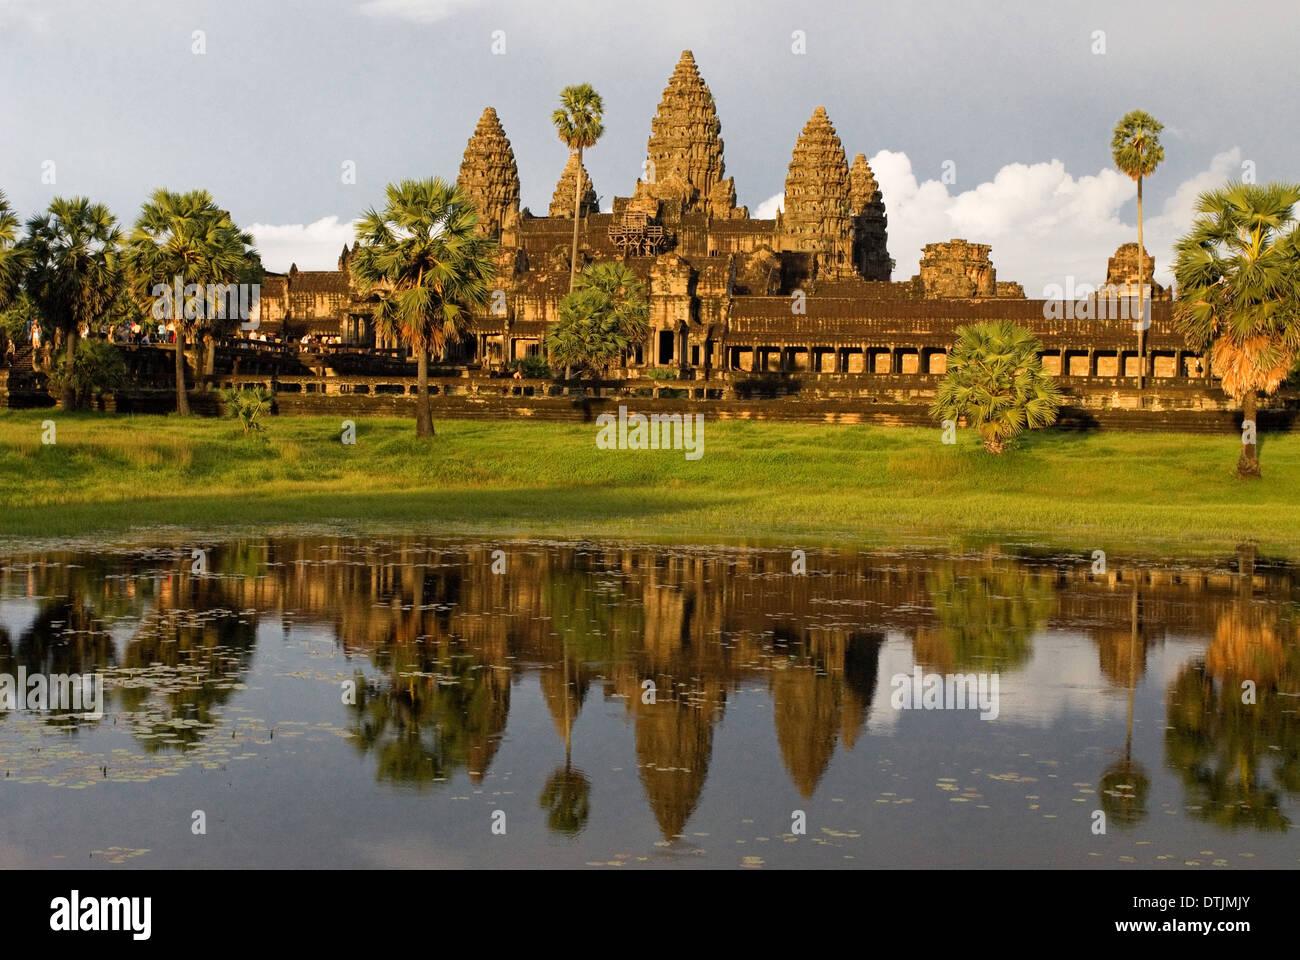 Tempel von Angkor Wat. Die Tempel von Angkor sind höchst symbolischen Strukturen. Vor allem hinduistische Konzept ist der Tempelberg, wo Stockbild